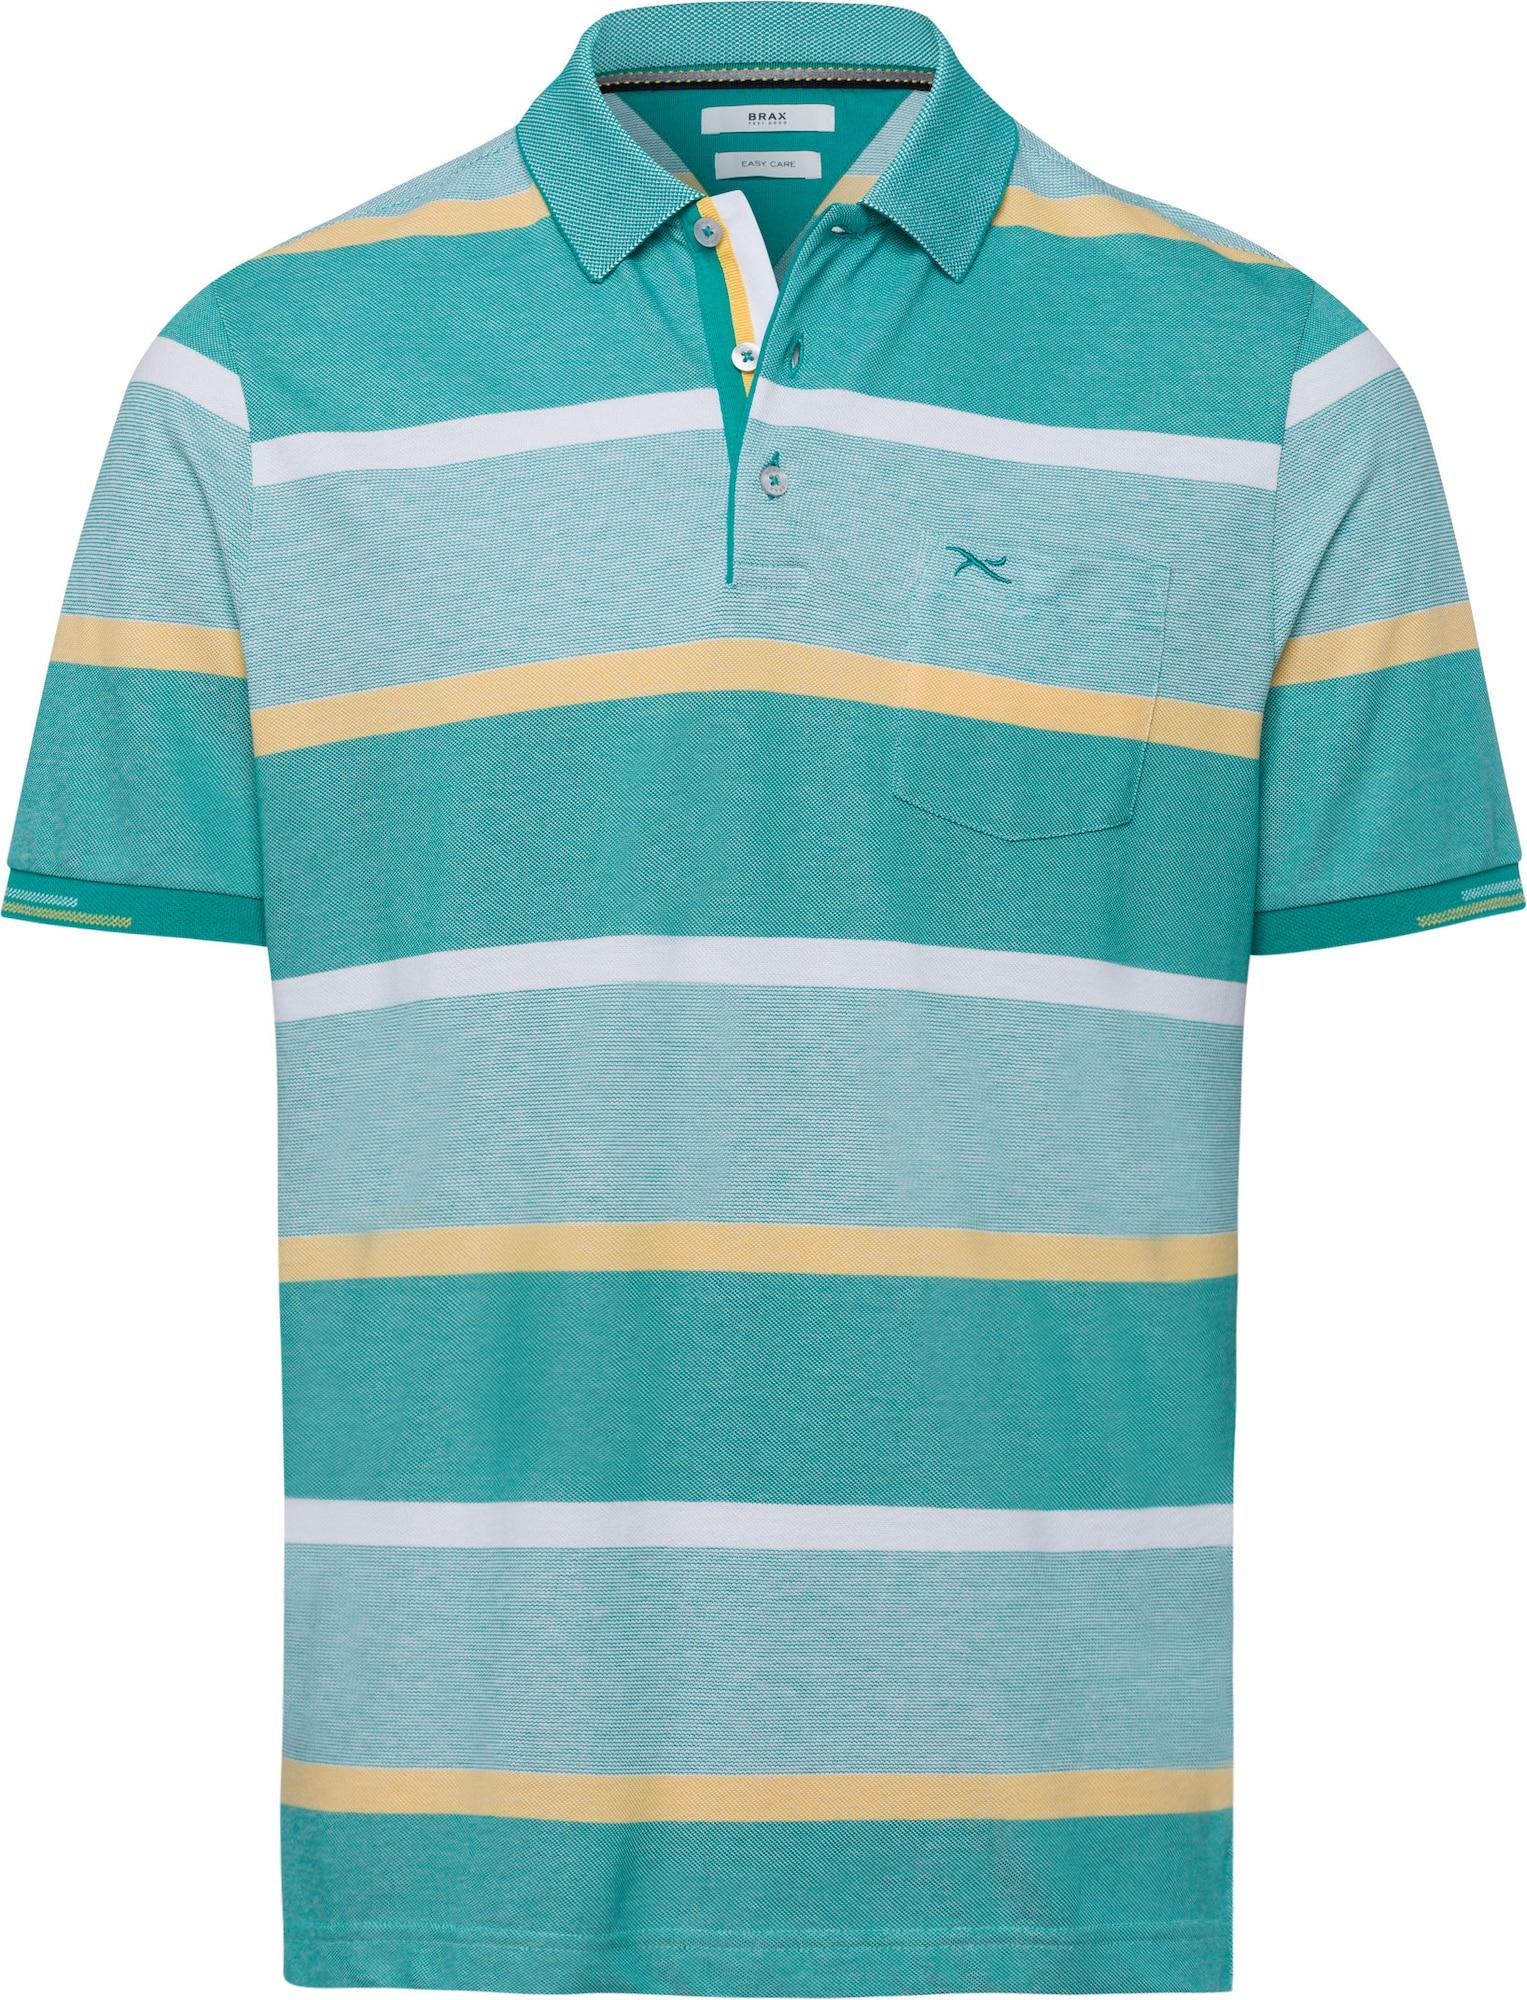 BRAX Marškinėliai 'Paco' pastelinė žalia / pastelinė geltona / nefrito spalva